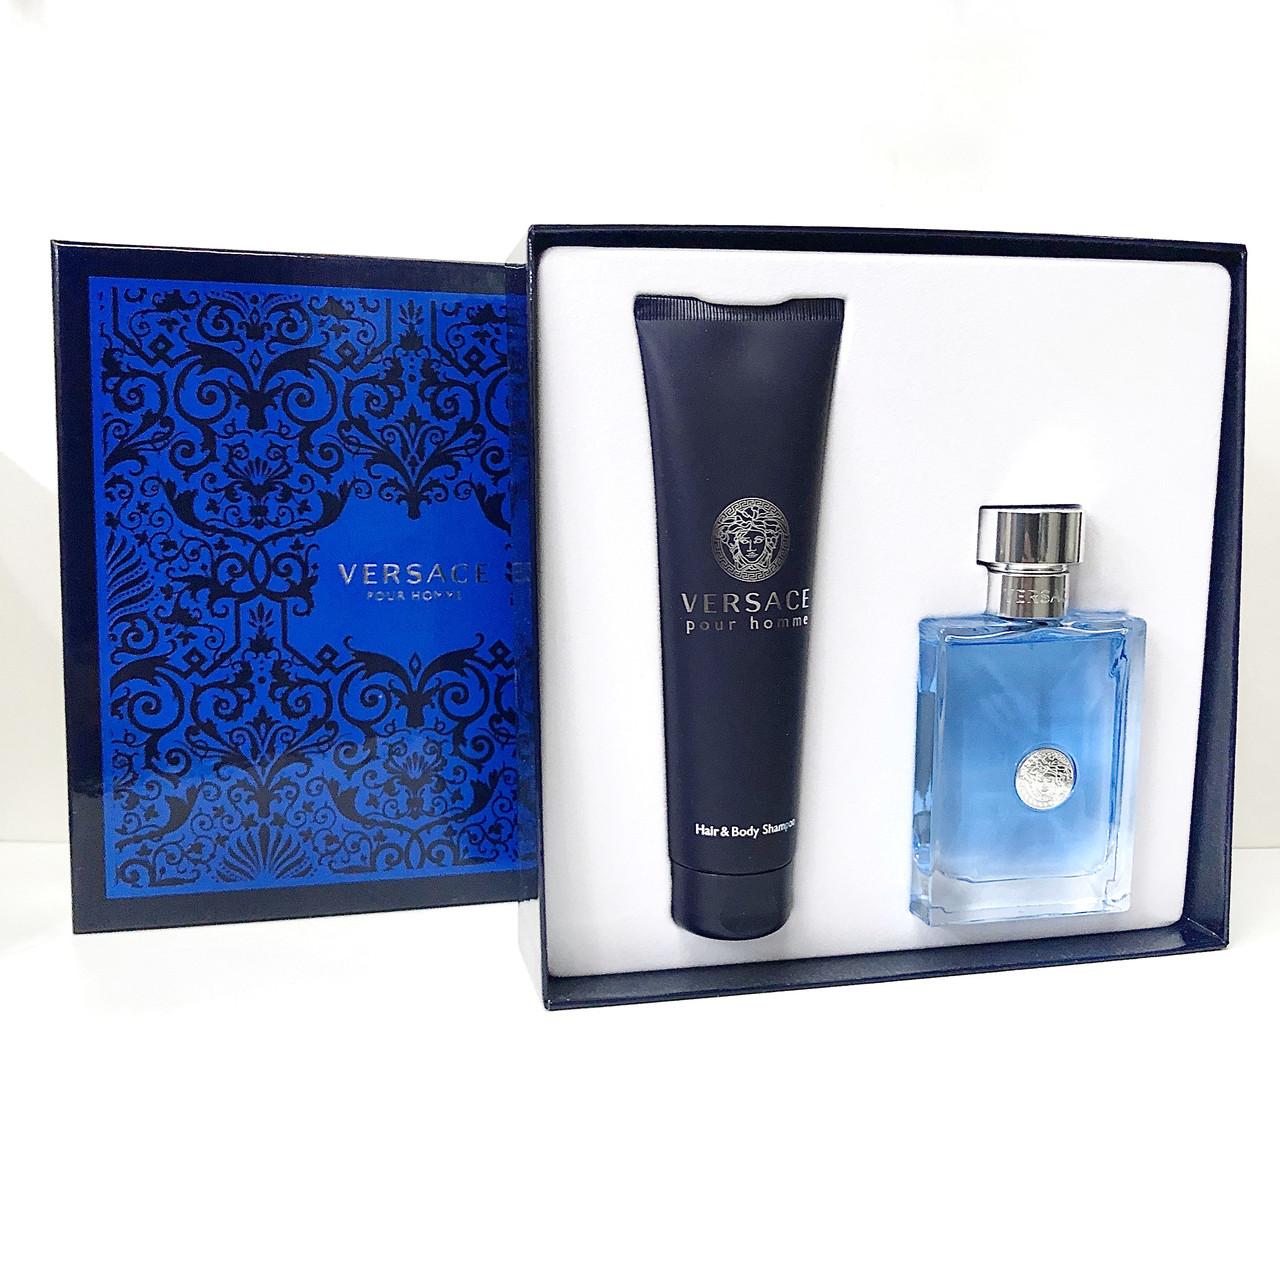 Подарунковий набір чоловічий Versace Pour Homme set туалетна вода 100ml + shower gel 150ml цитрусовий аромат